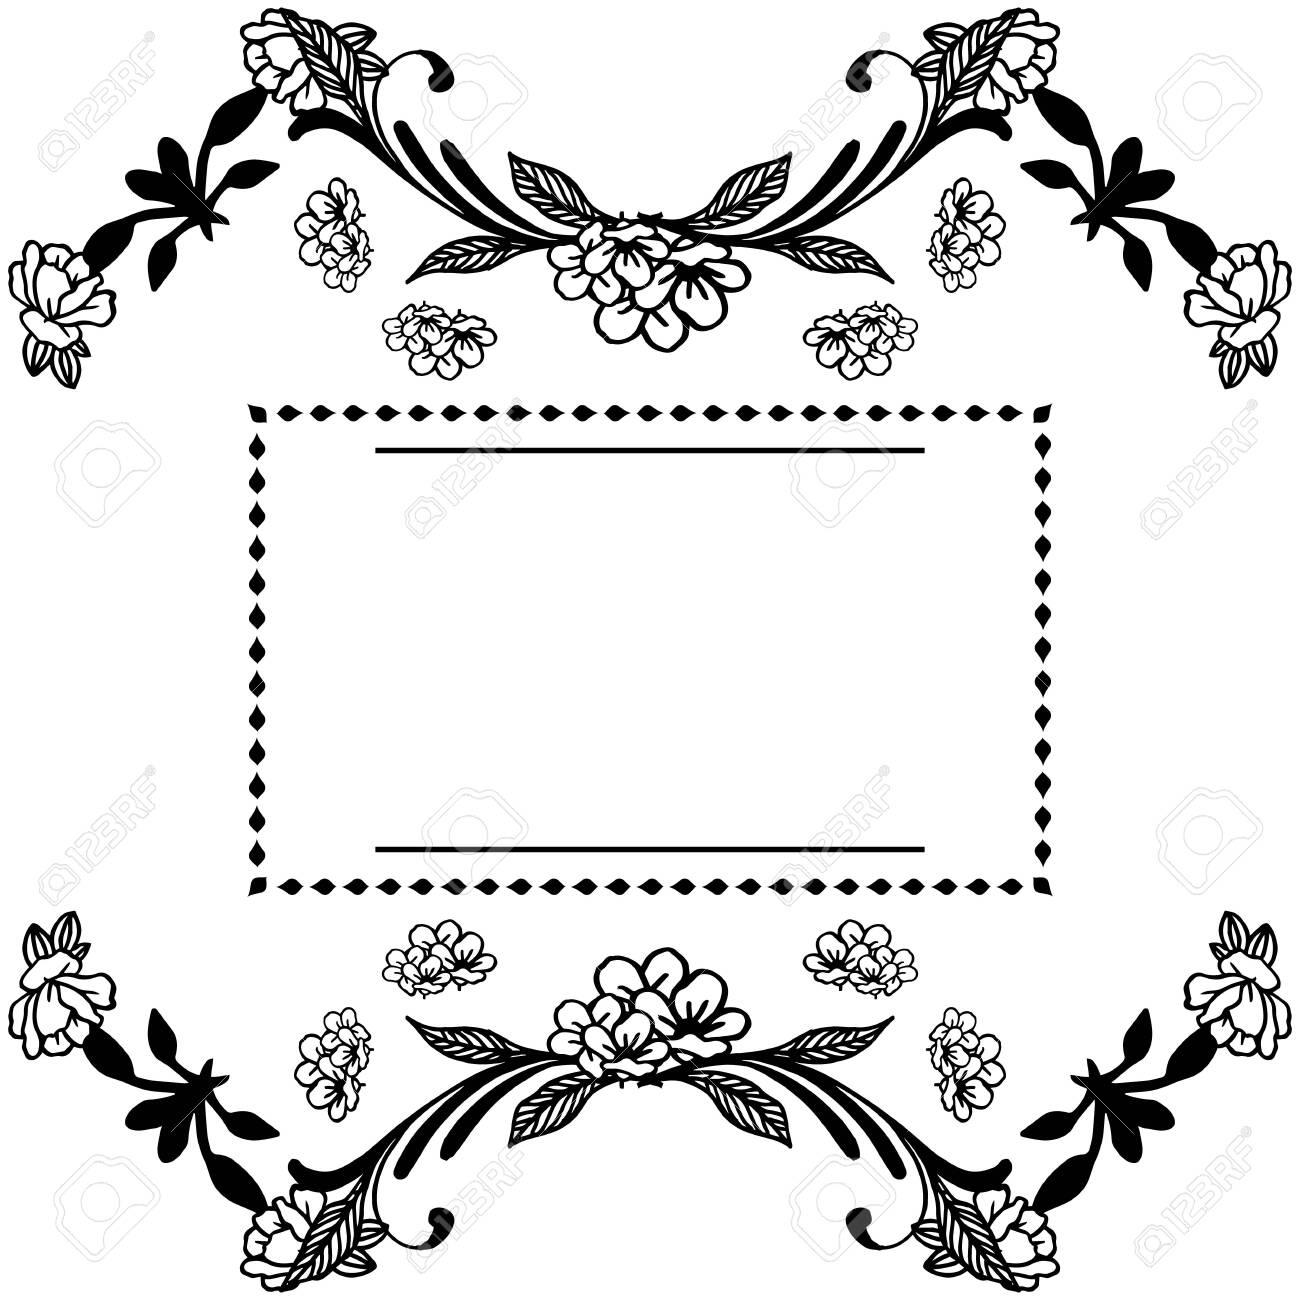 Illustration of floral frame - 143584798